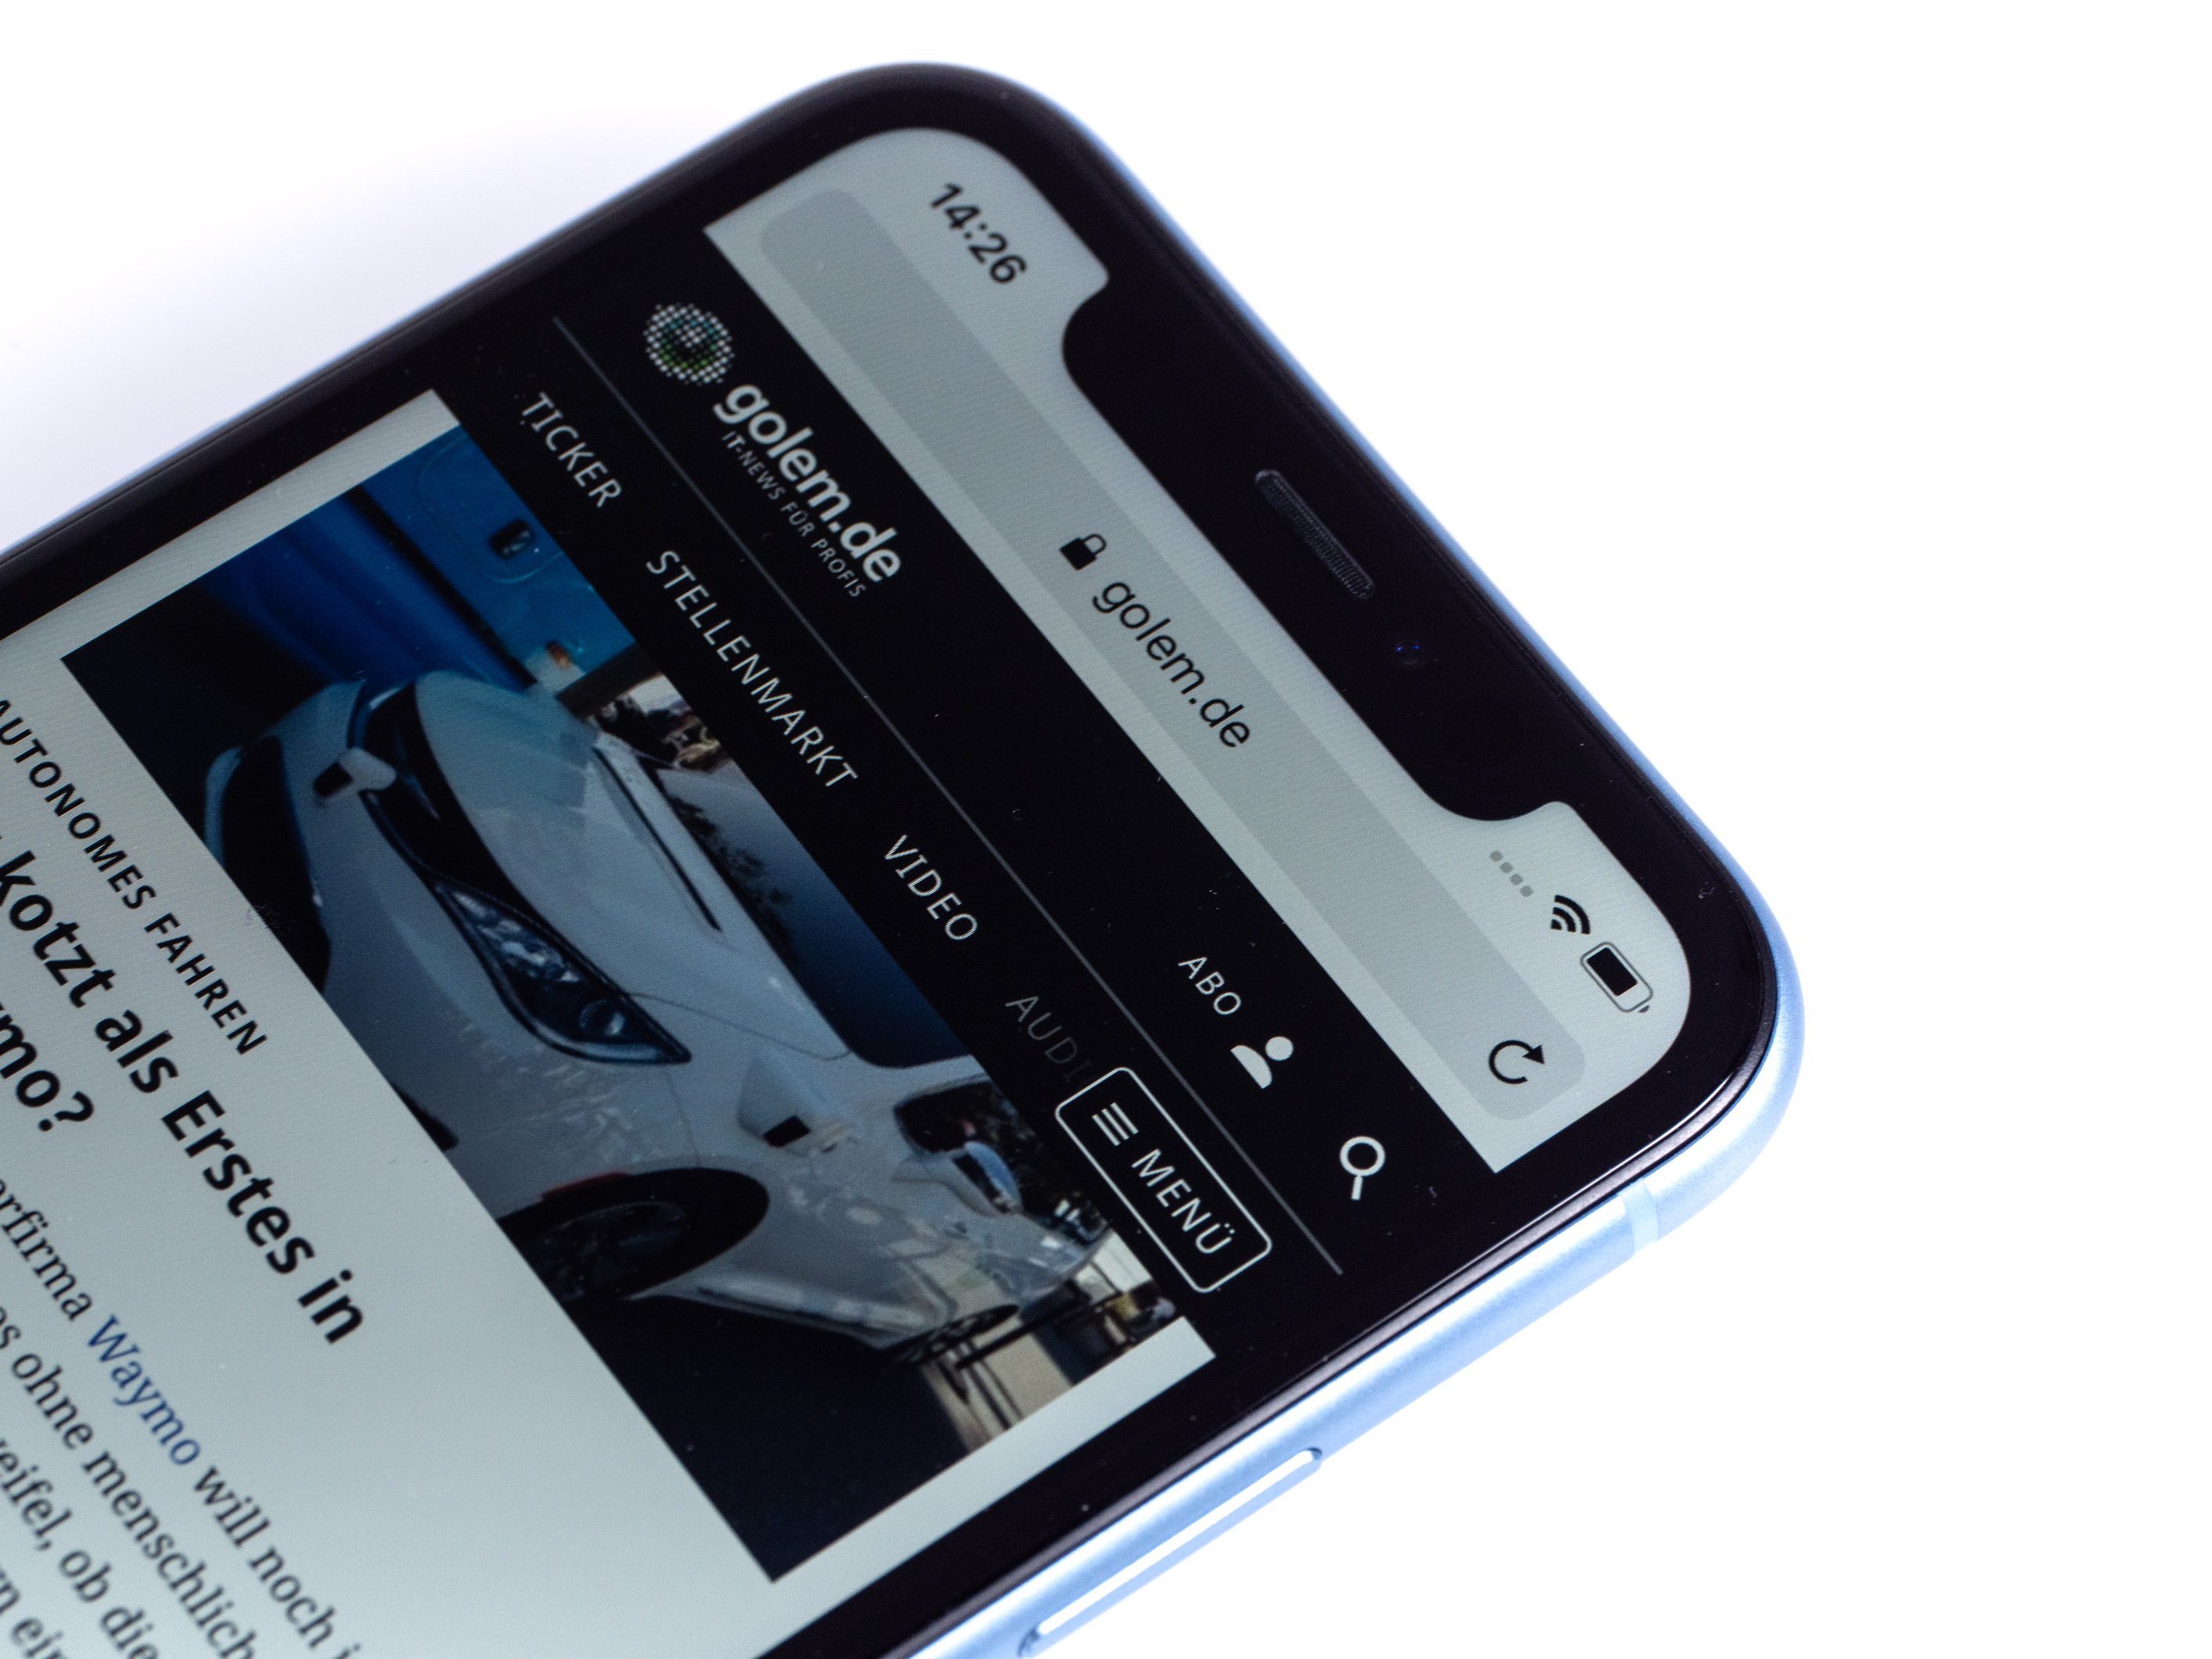 iPhone Xr im Test: Apples günstigeres iPhone ist nicht günstig - Das iPhone Xr kostet ab 850 Euro. (Bild: Martin Wolf/Golem.de)